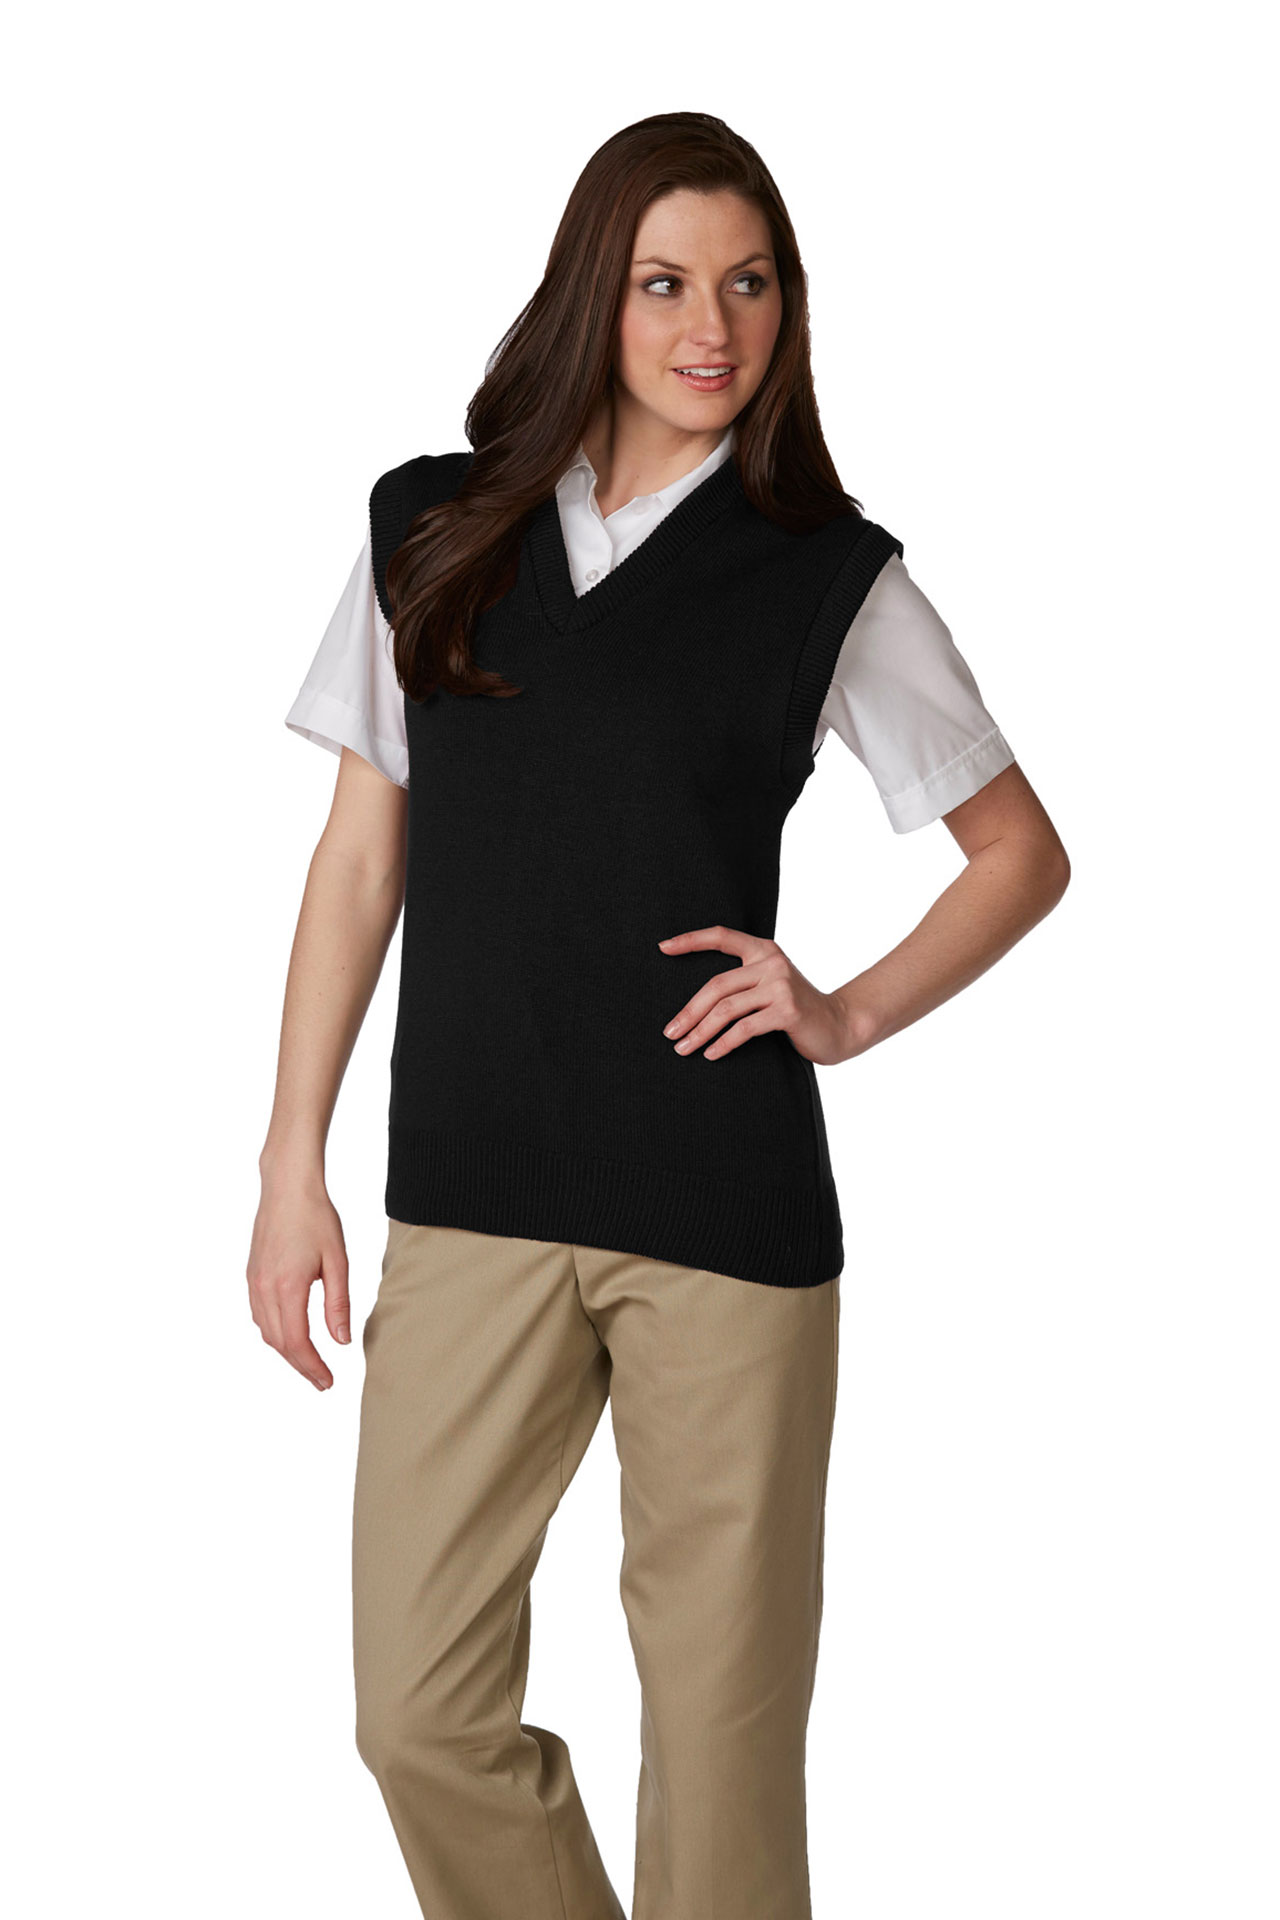 Unisex V-Neck Pullover Jersey Knit Sweater Vest-A Plus